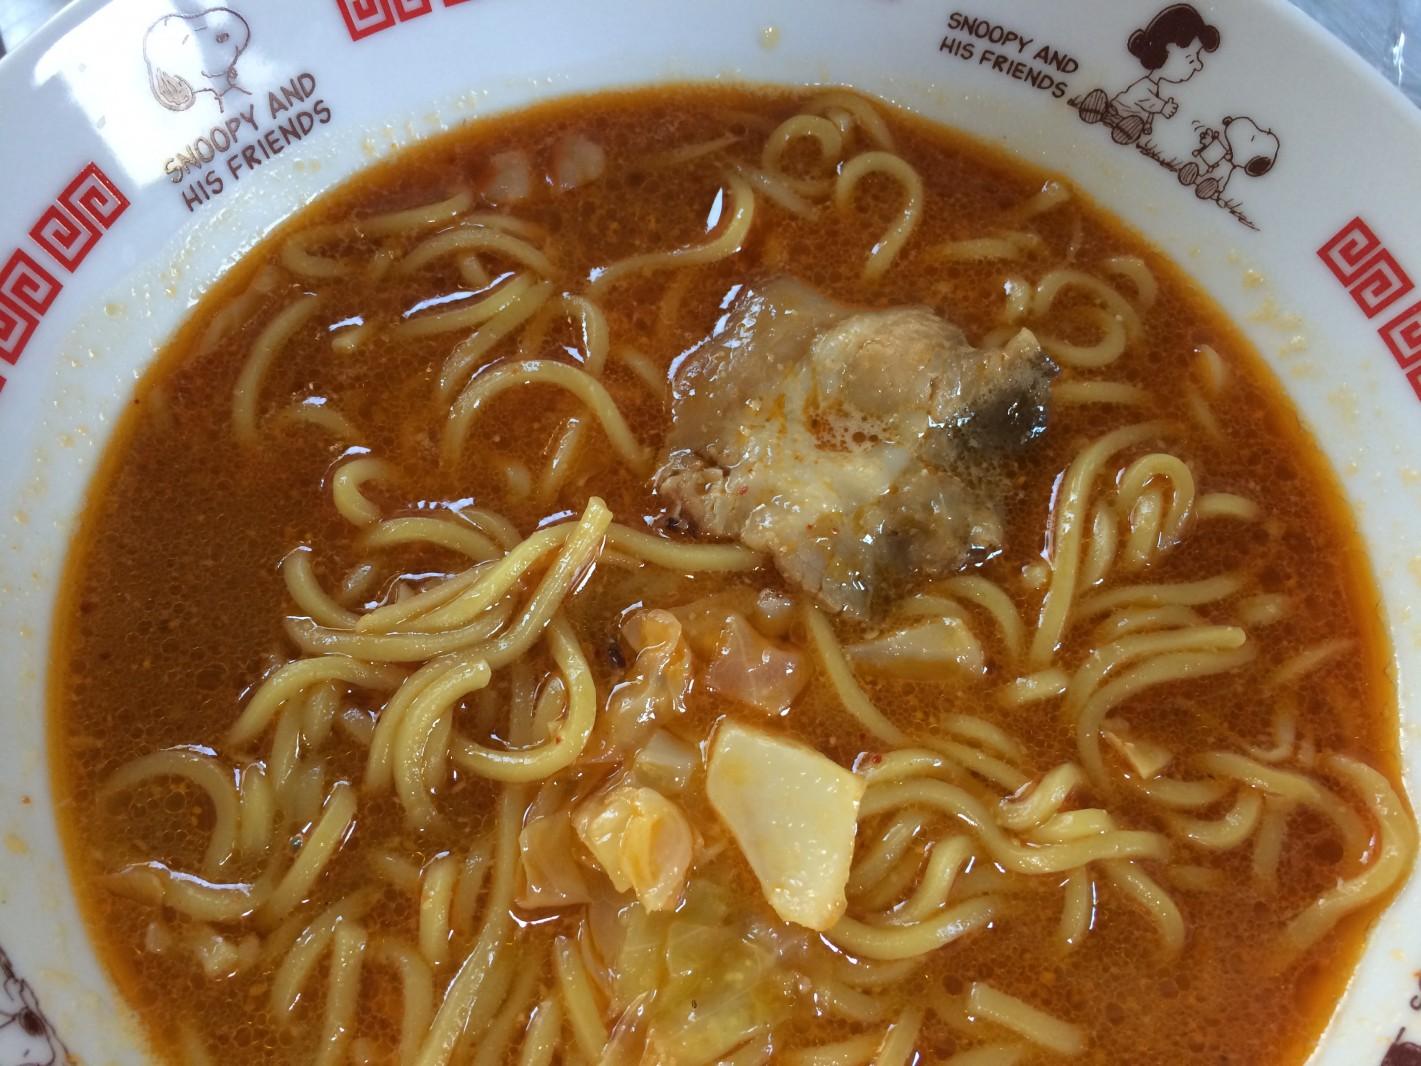 濃厚スープの味噌ラーメン「北魁」。お水がいらない、ということは誰が解凍しても同じ美味しさということ